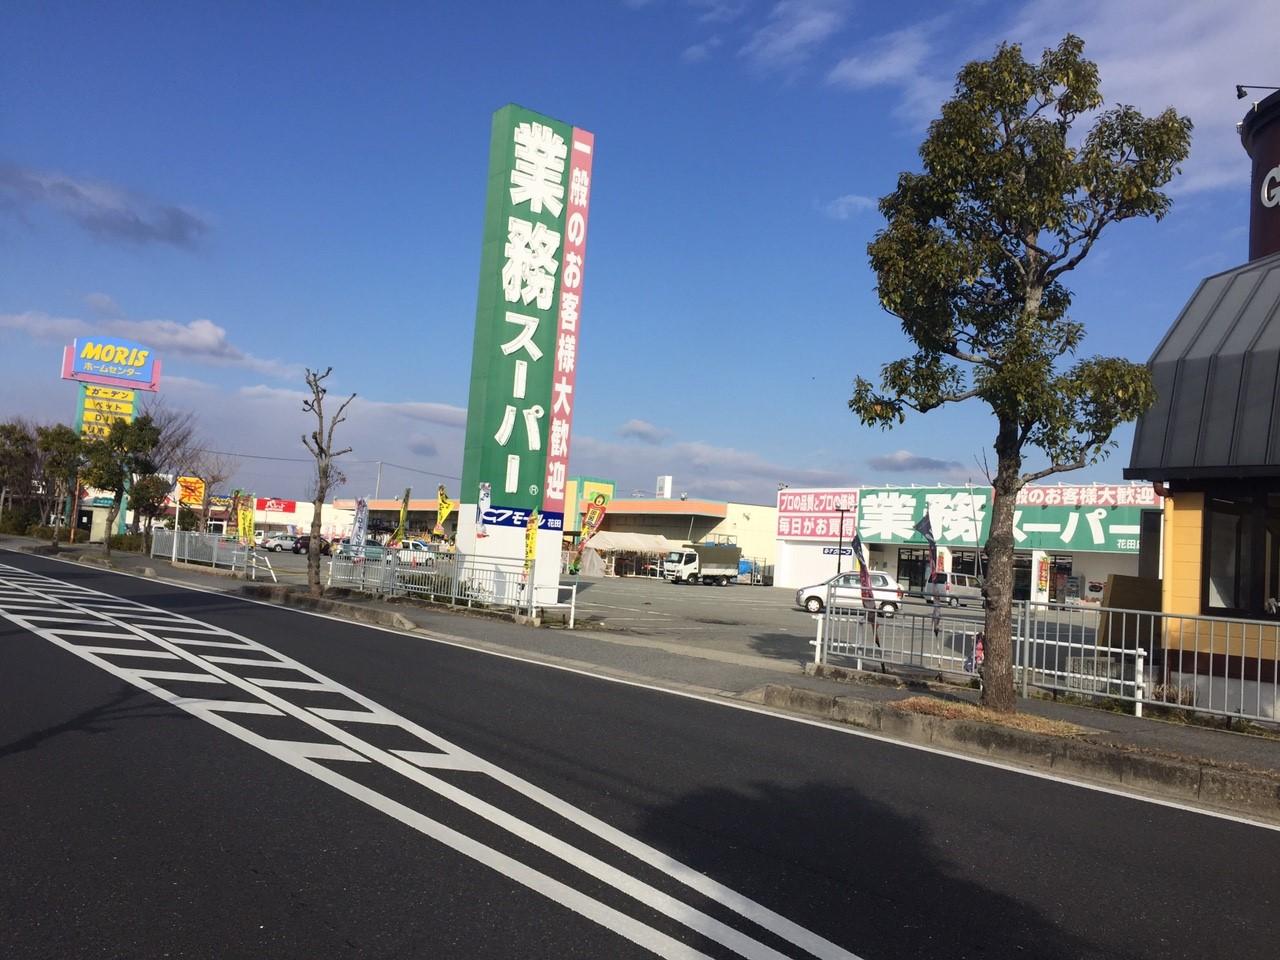 花田のブックワンが閉店している_1830